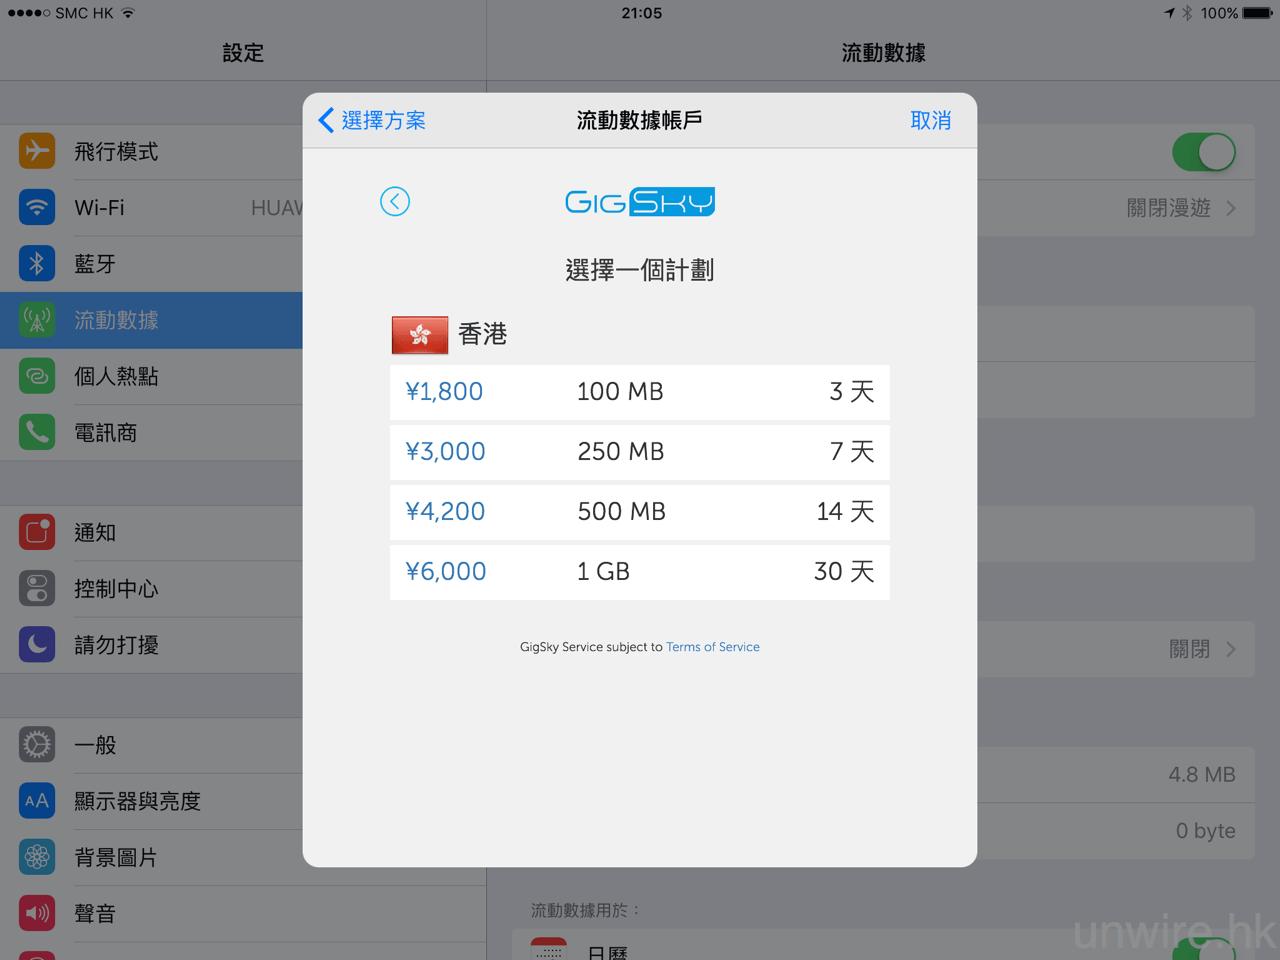 香港 Apple Store 即買即評測 ! Apple SIM 登陸 HK + 3HK 服務啟動 - 香港 unwire.hk